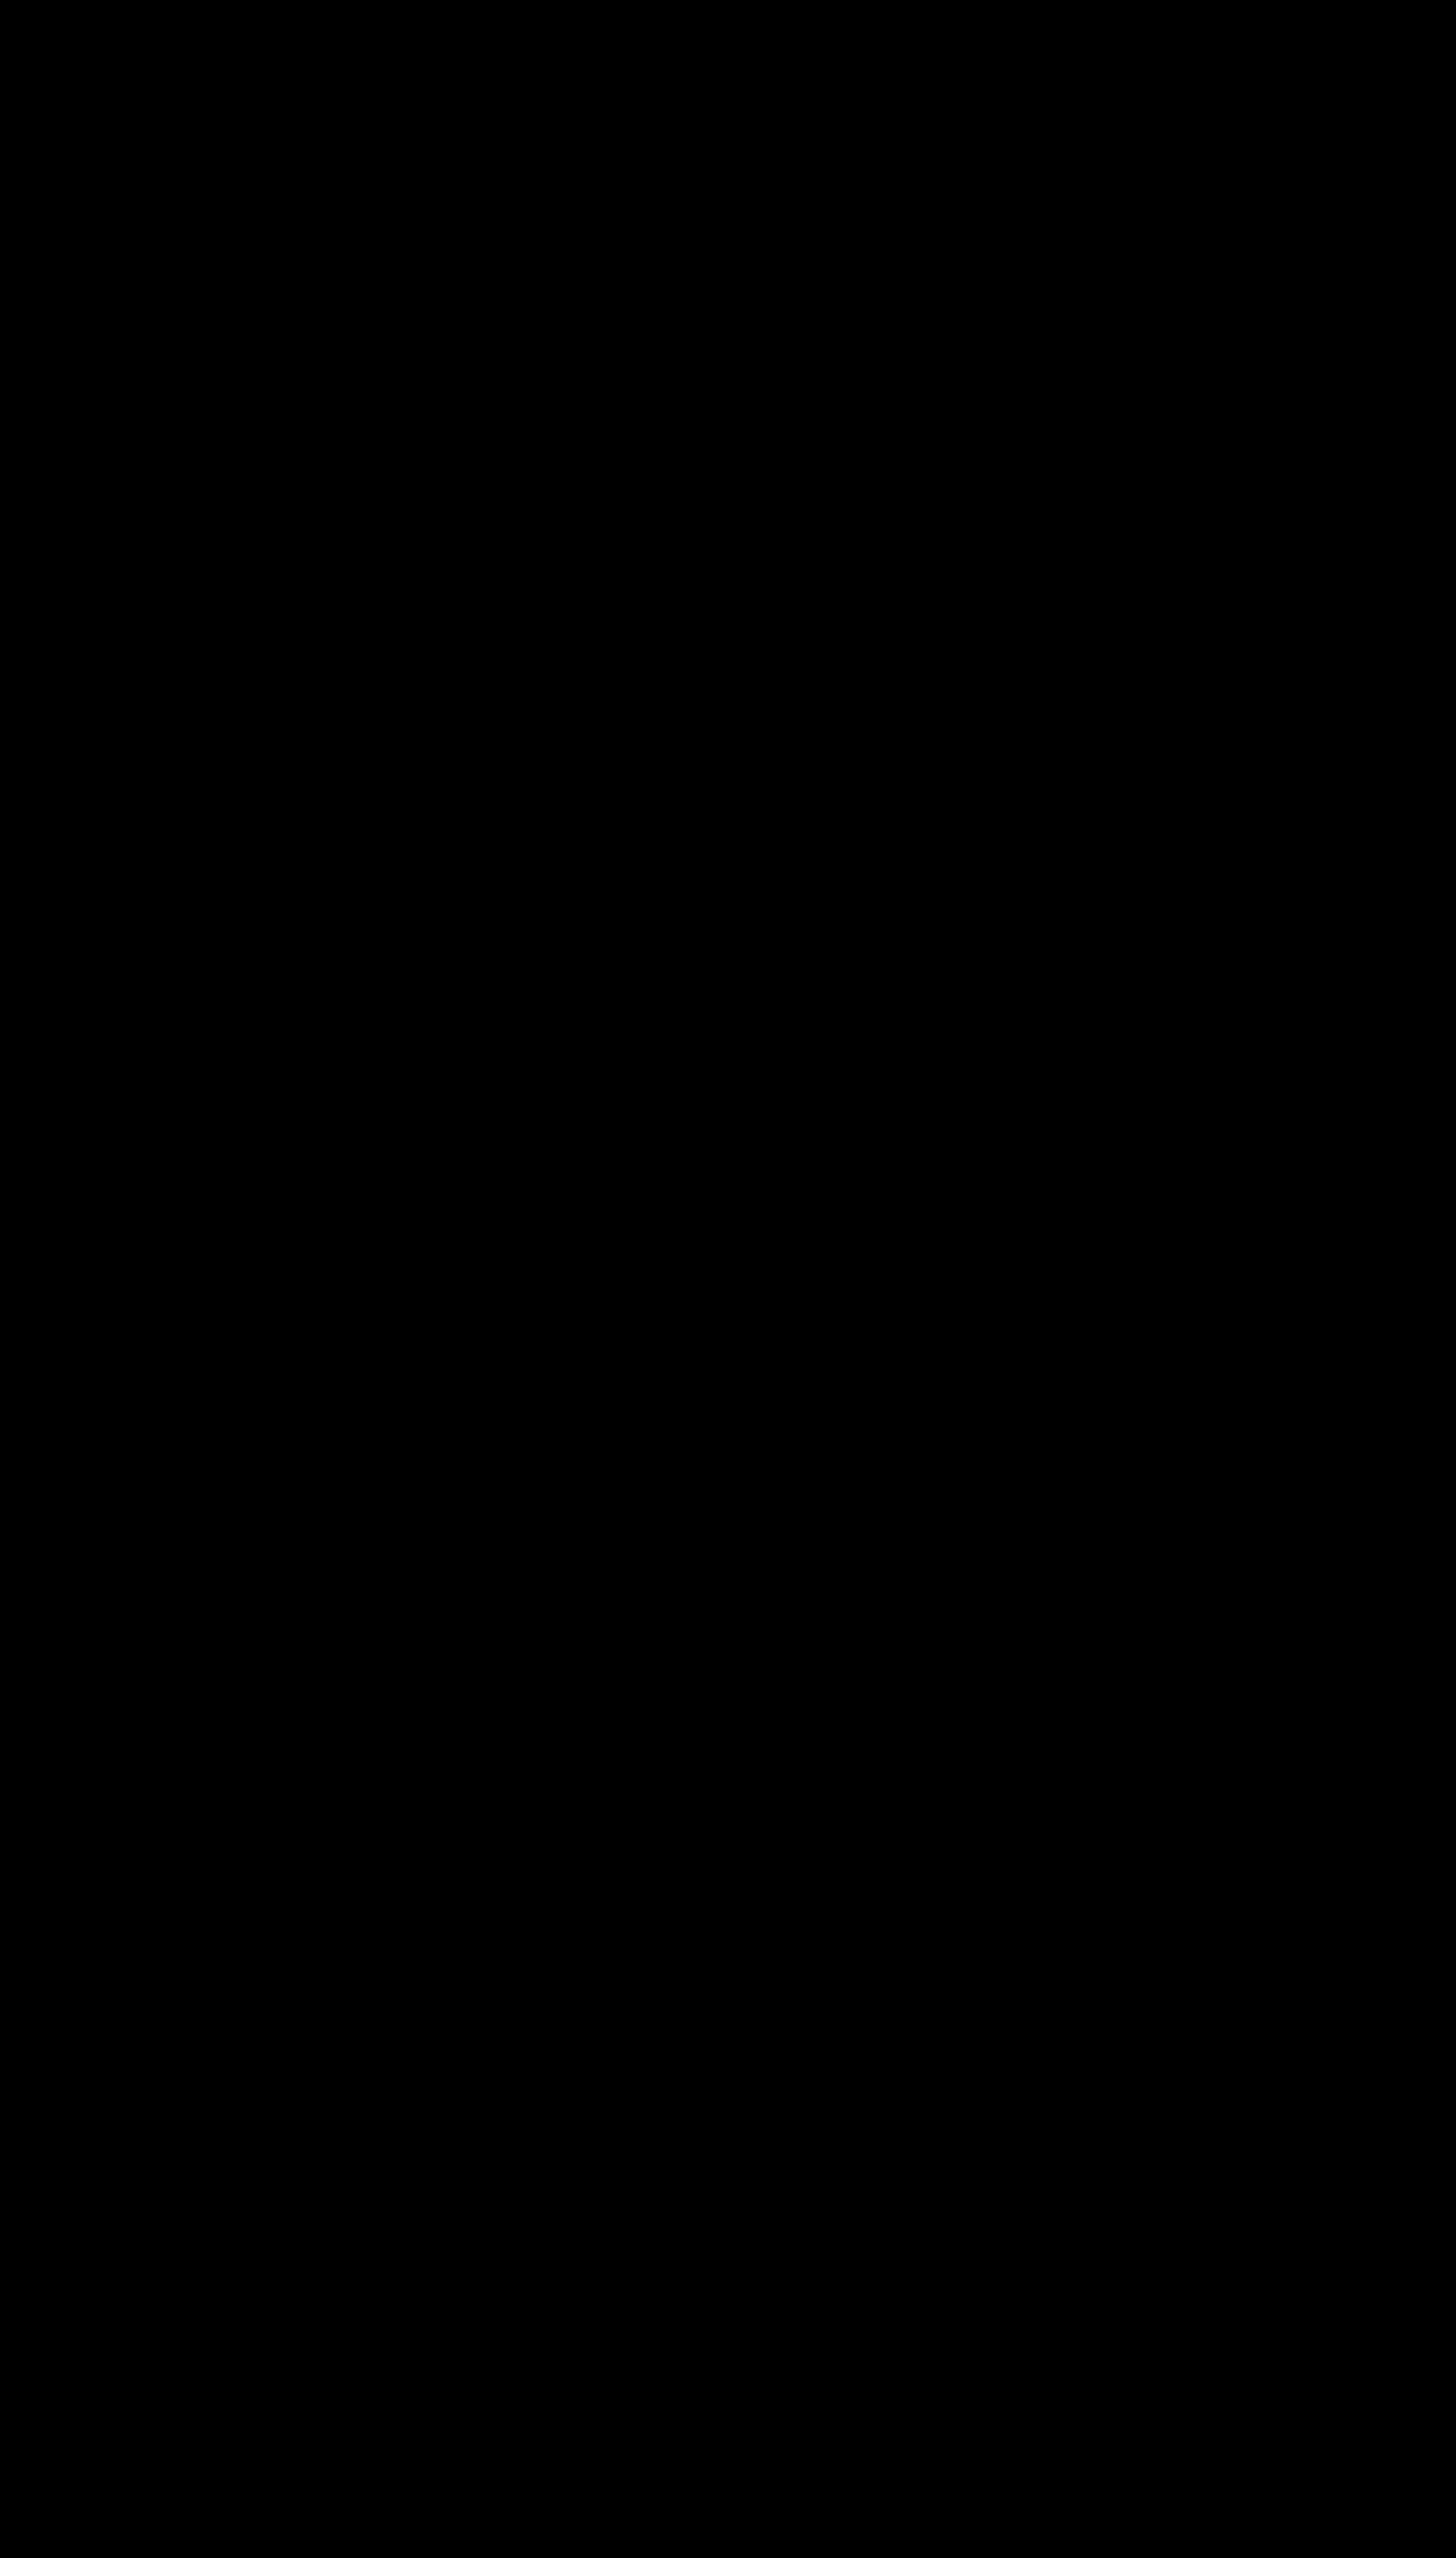 Сумка фетрова середня (голуба з жовтогарячими шкіряними елементами)